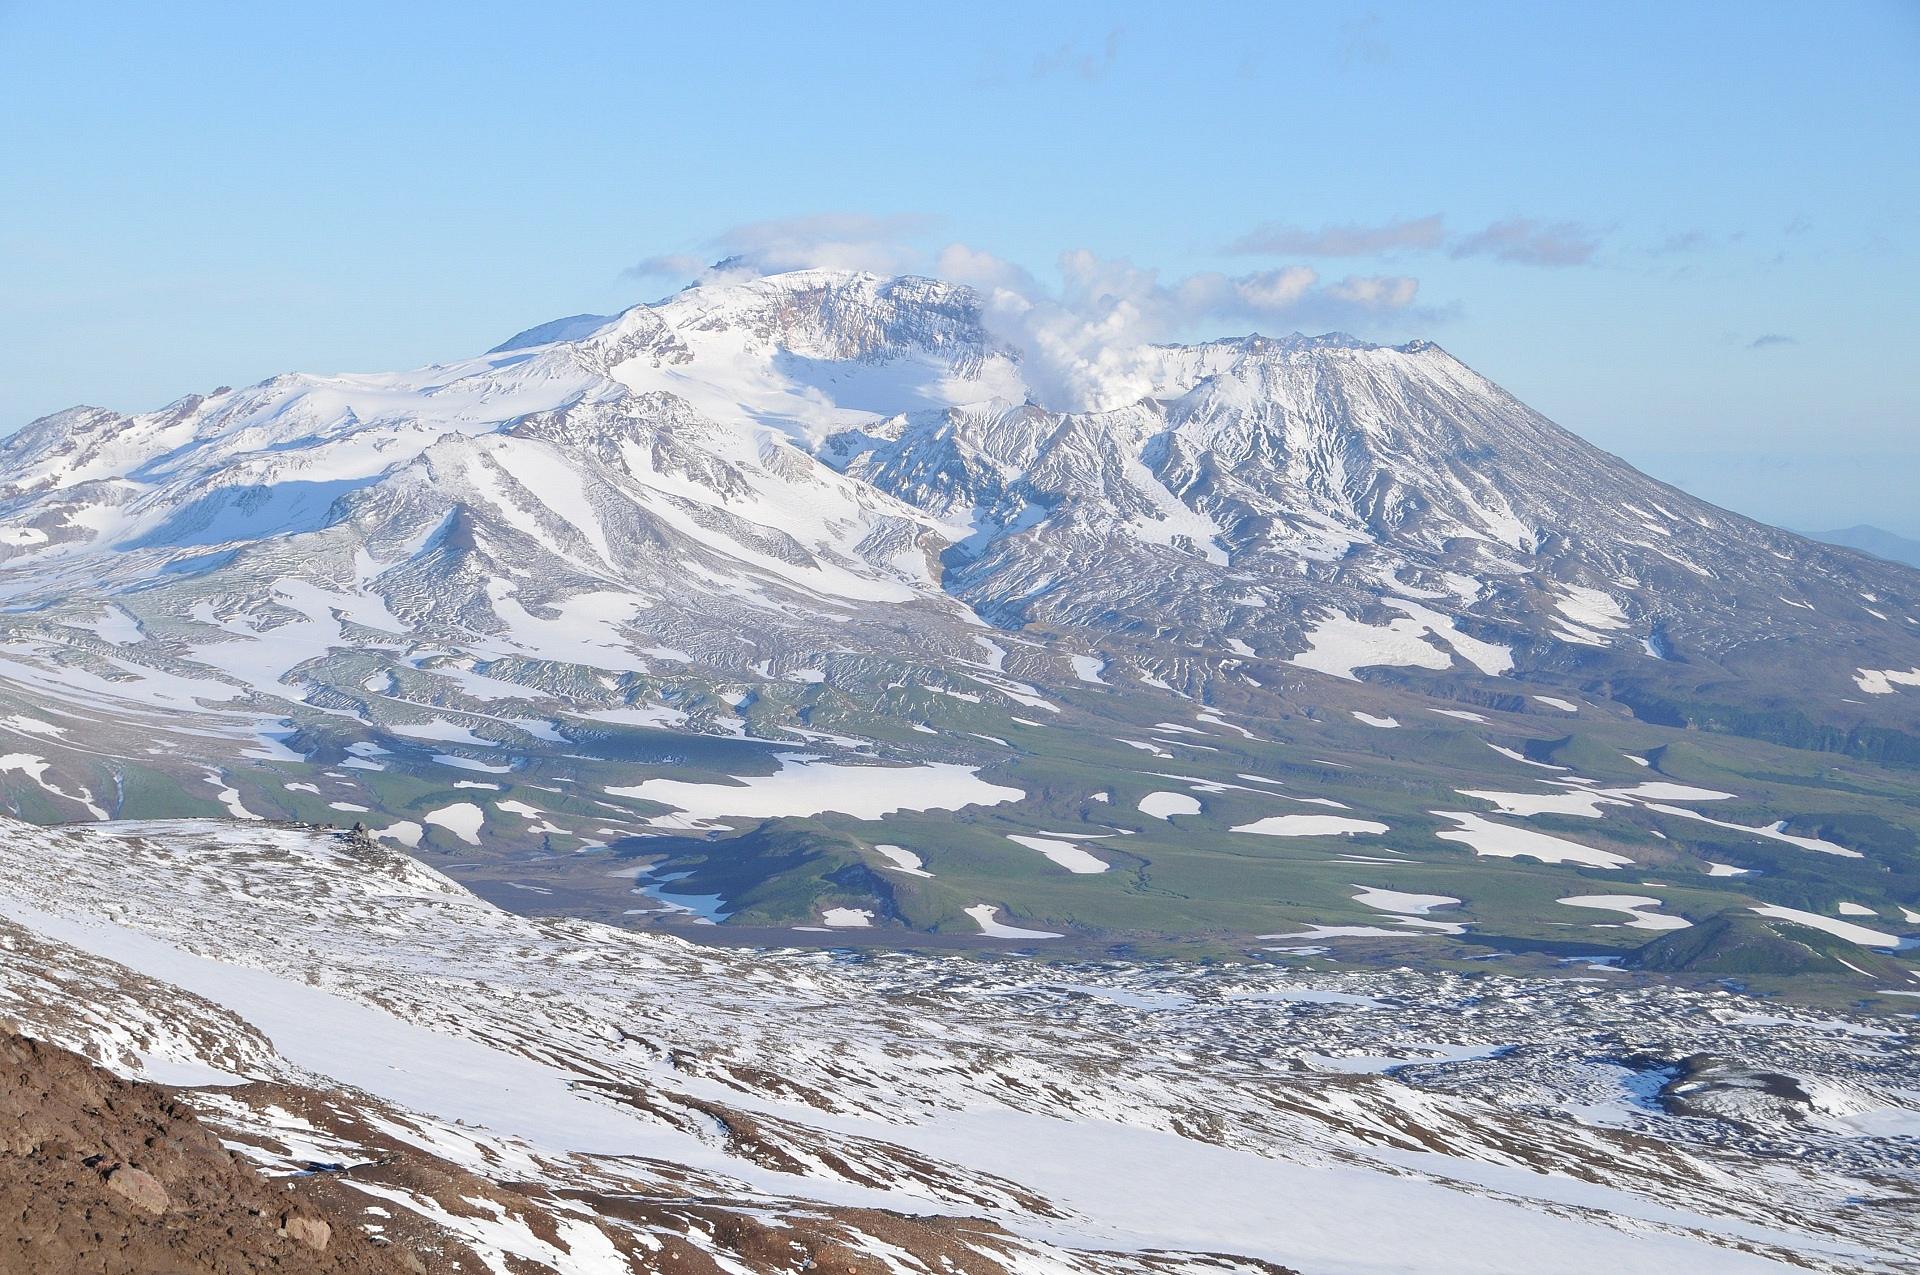 Mutnovskiy volcano